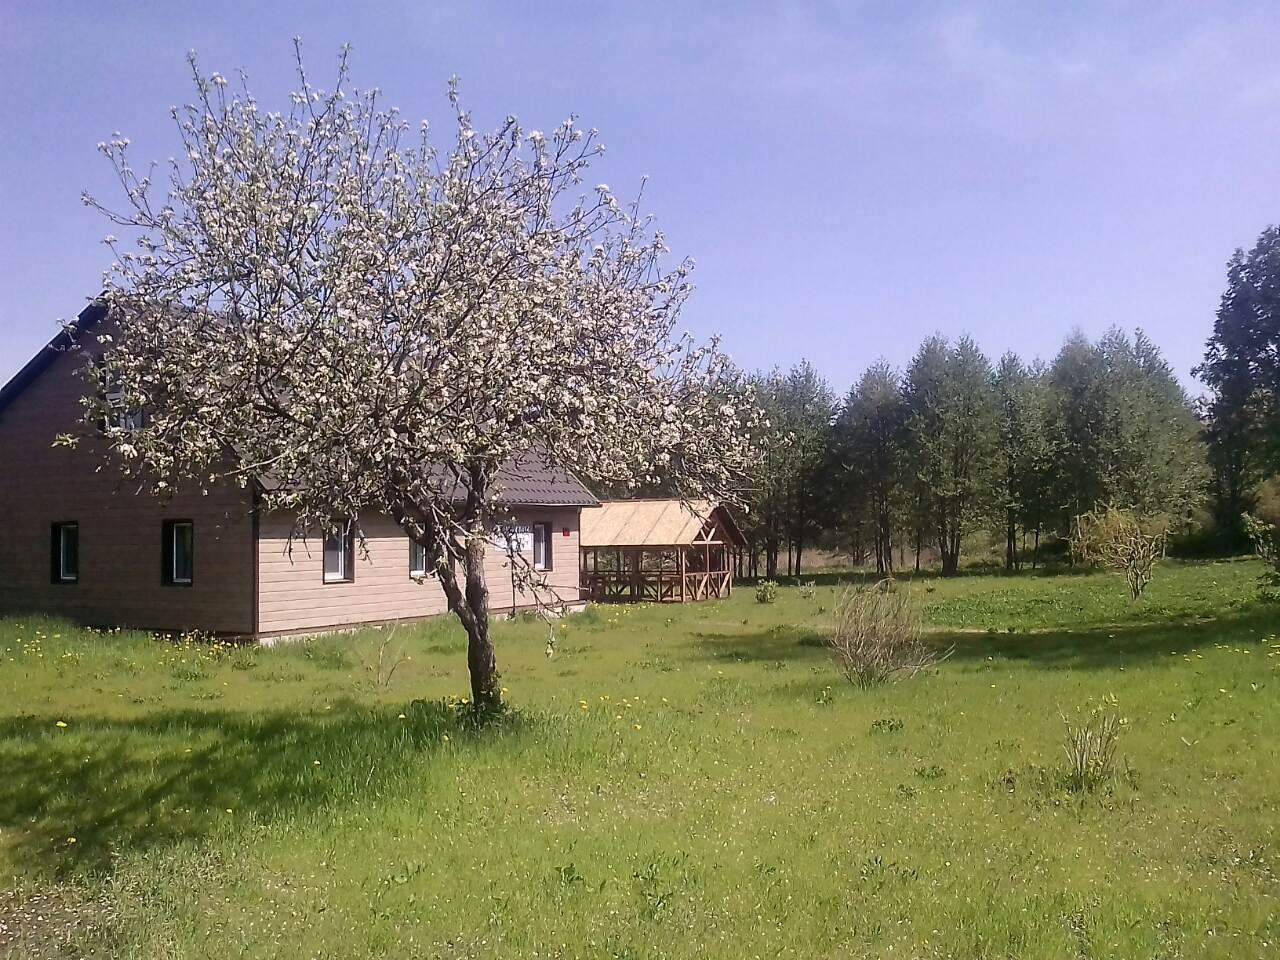 IMG 33e7c684d2f7e290a336dba9b436d4fc V 7 - Усадьба на хуторе у озера «Богинское»